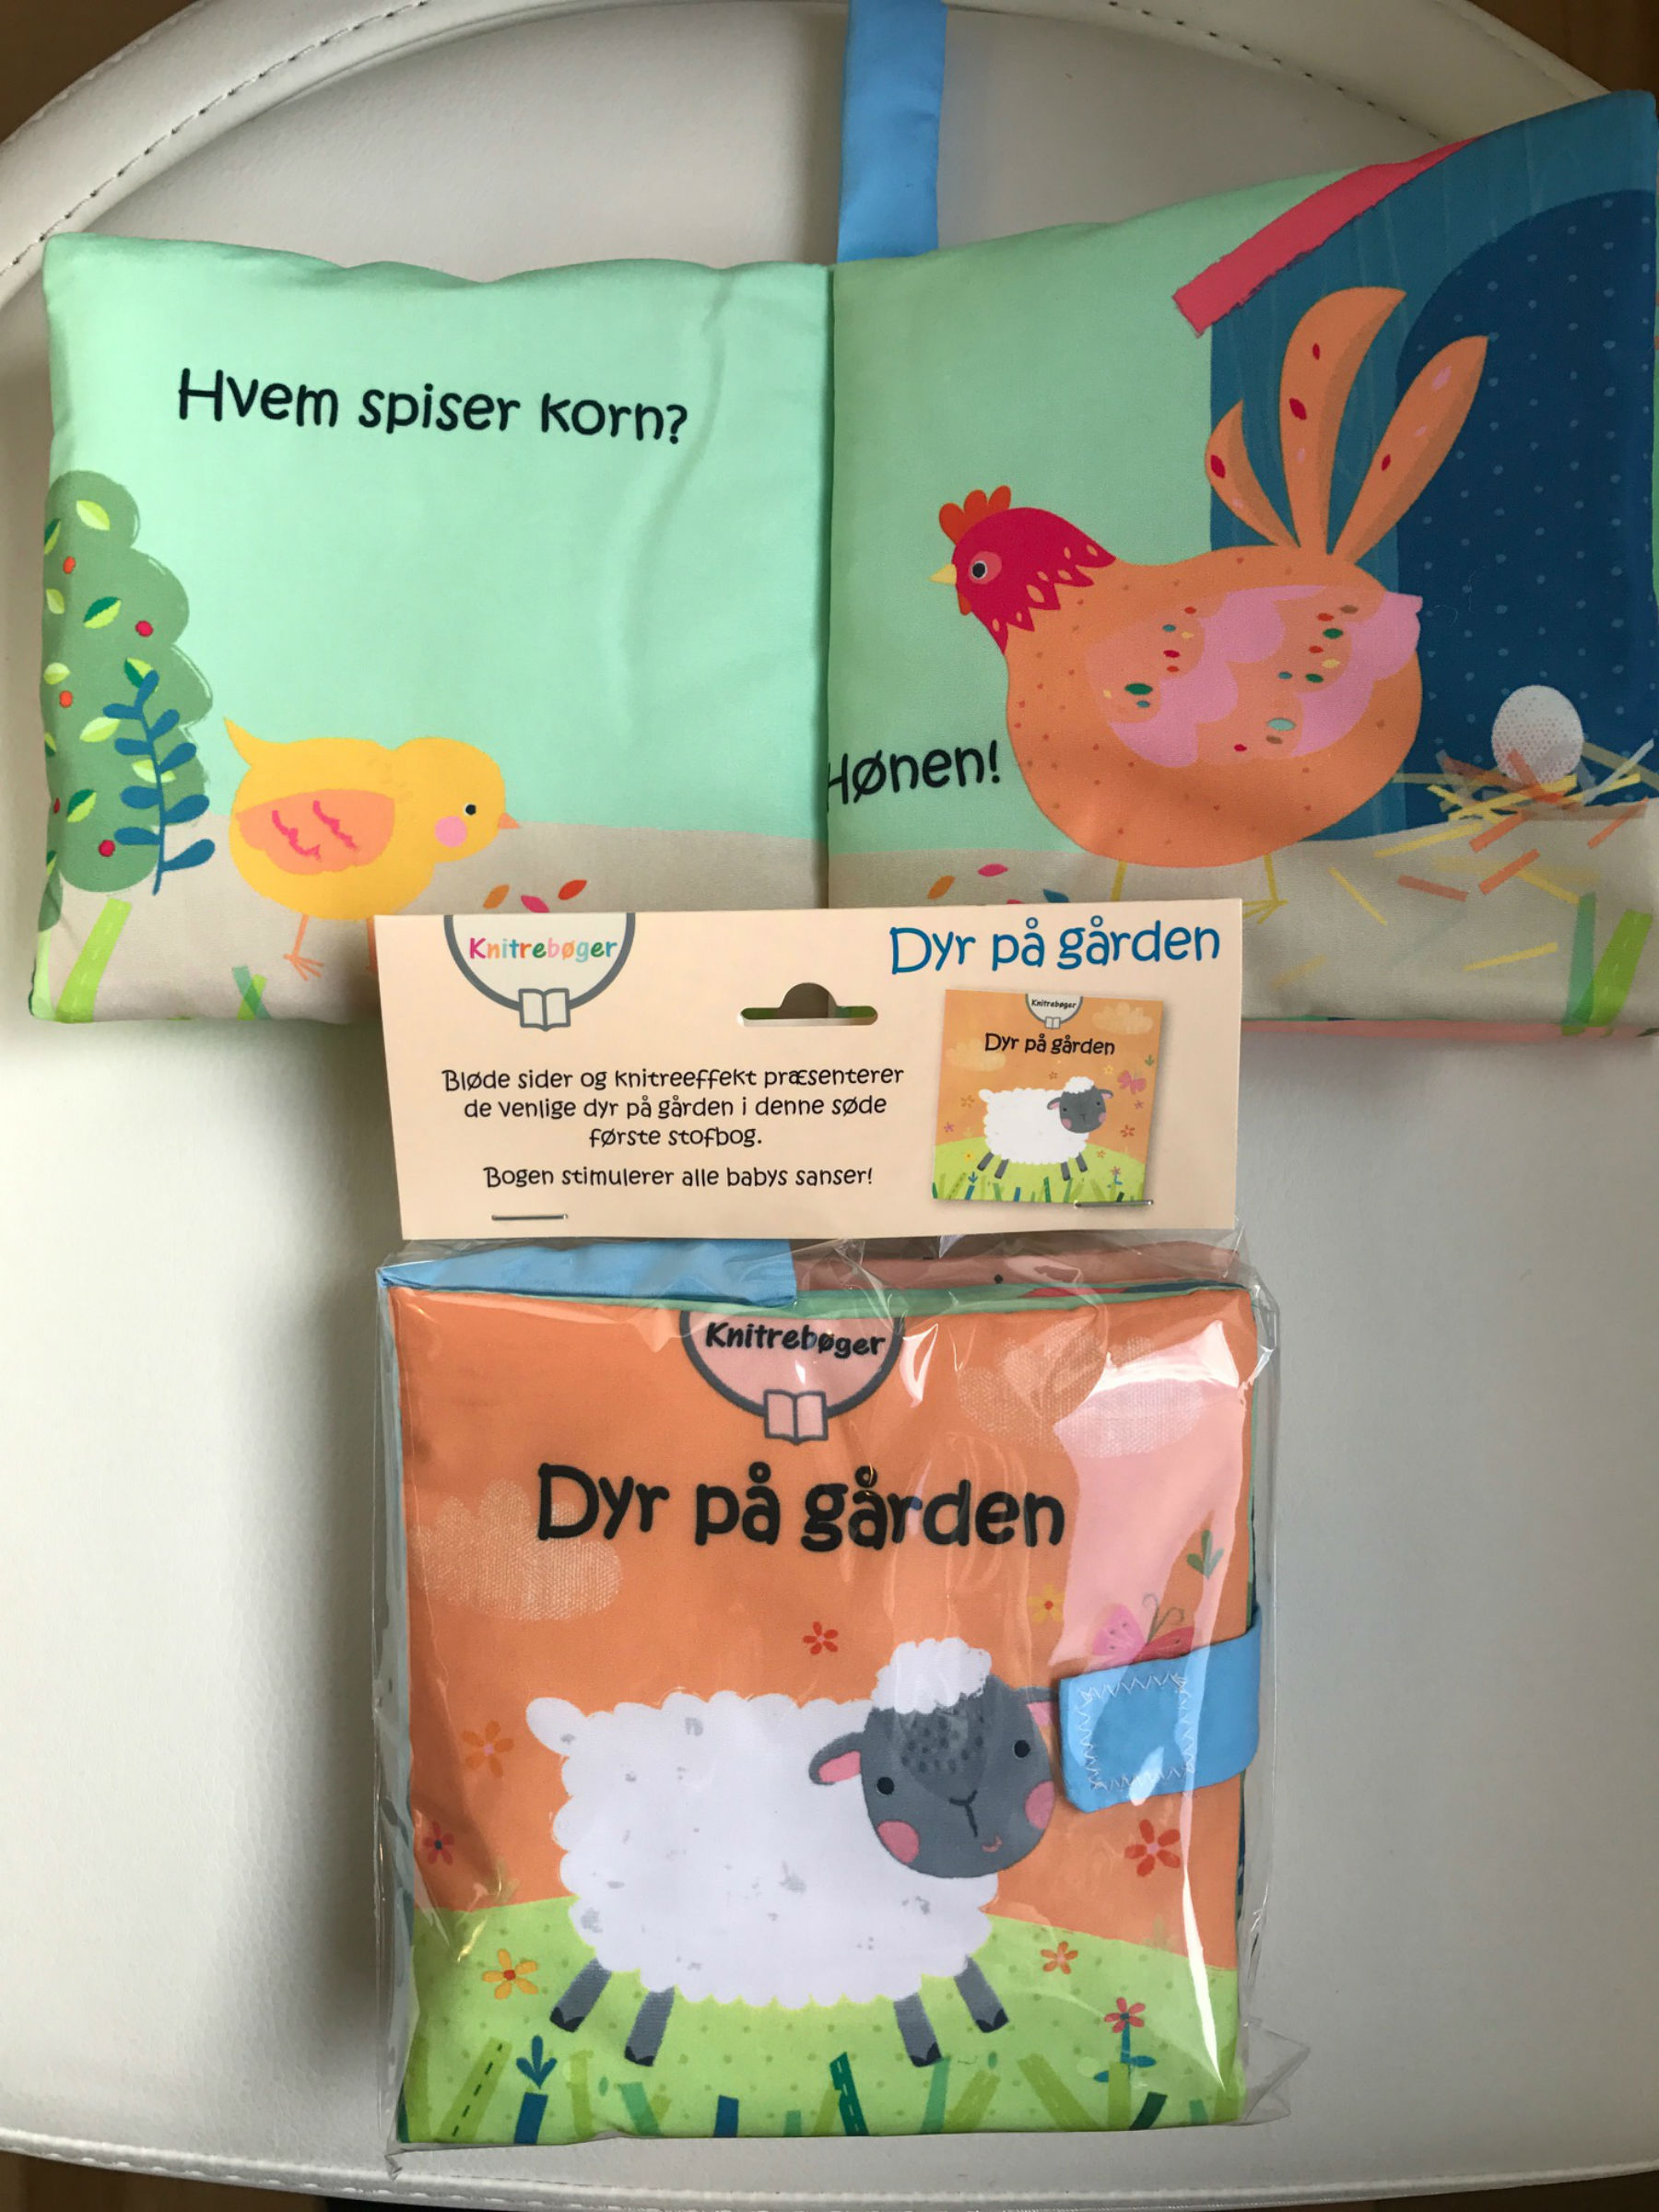 Knitre stofbøger. Dyr på gården